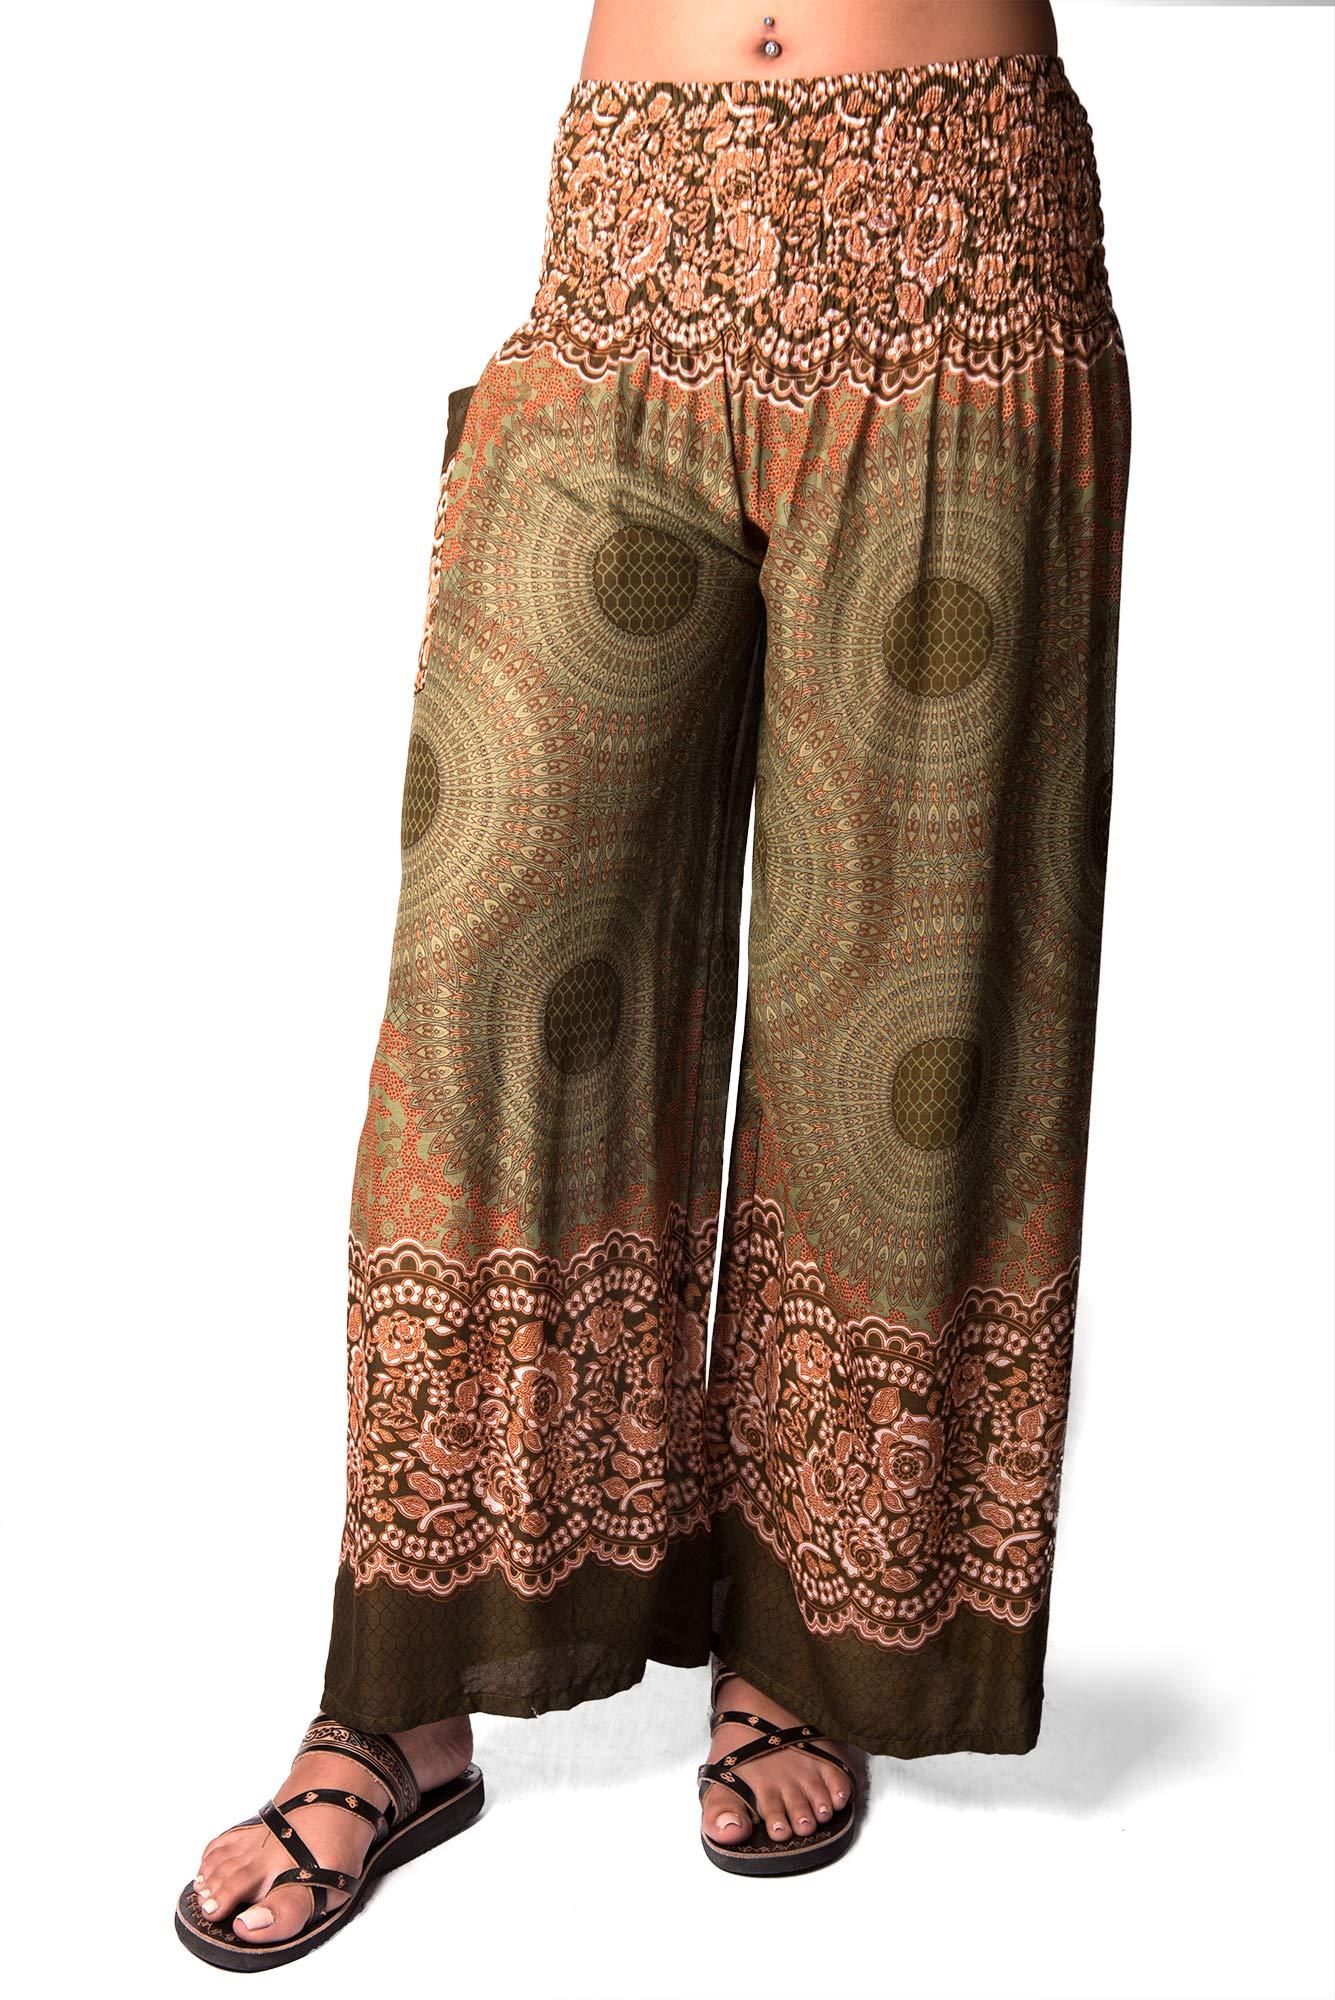 Honeycomb Print, Wide Leg Pants , Green